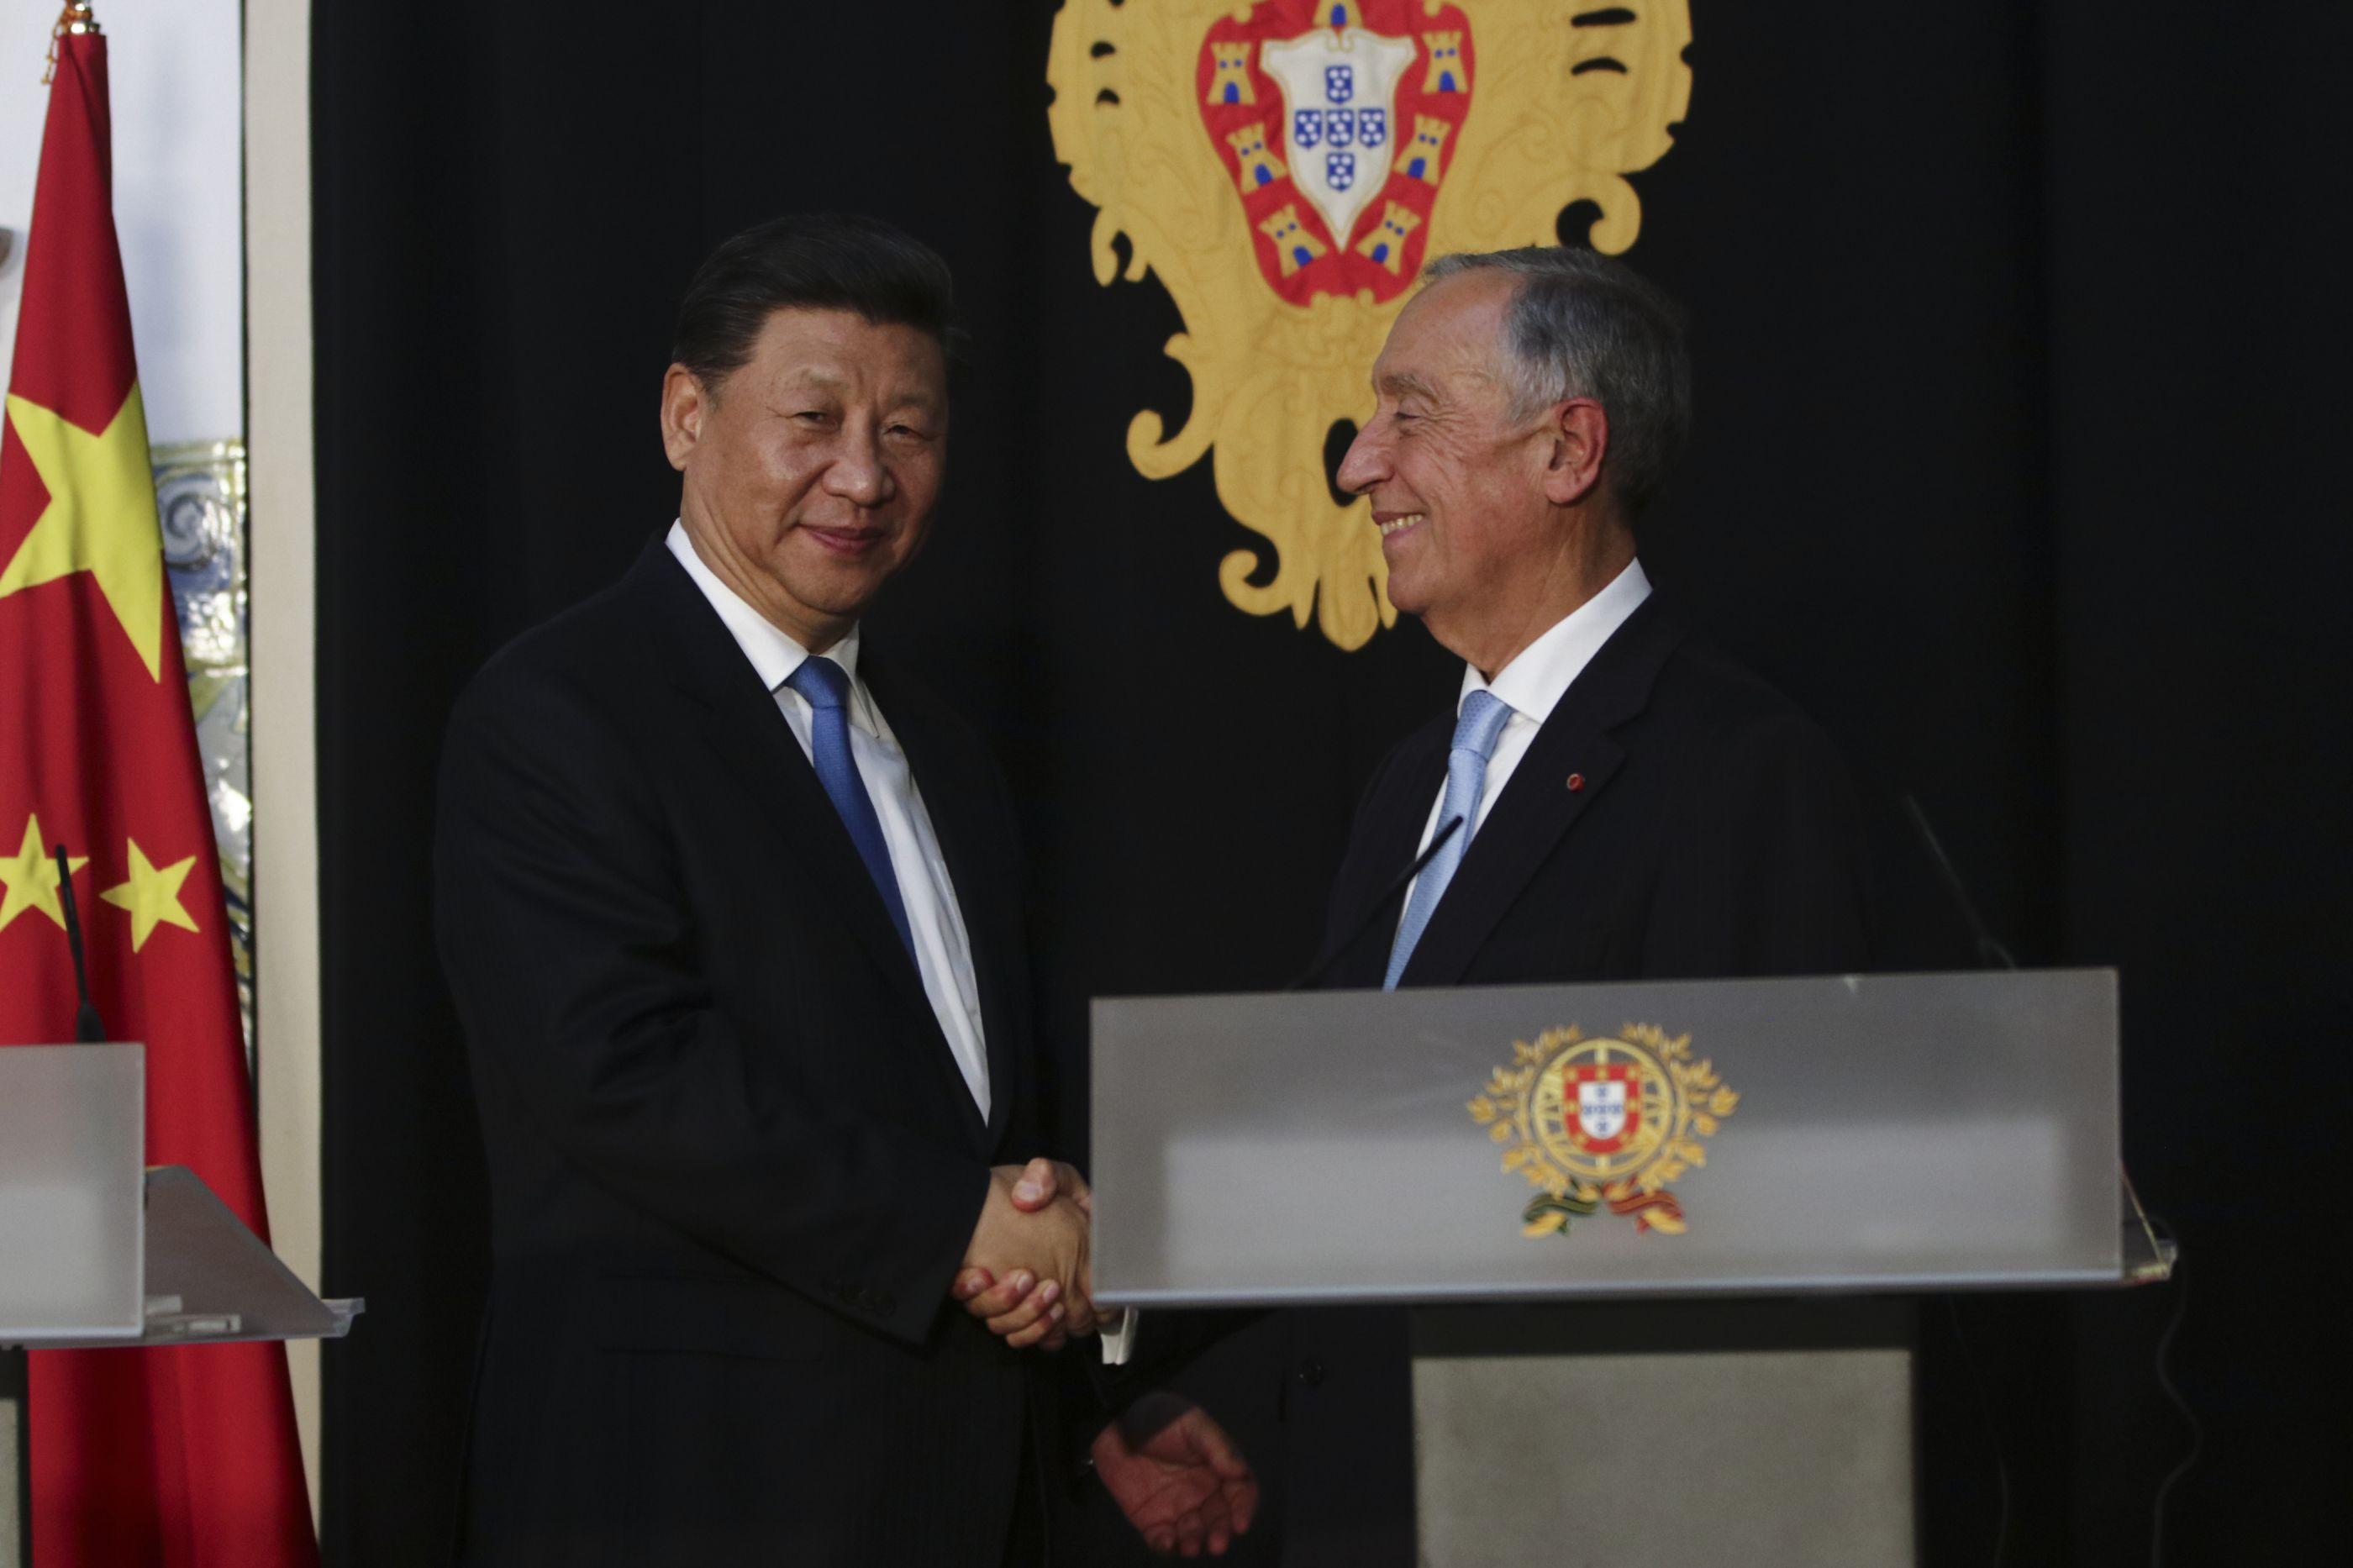 Presidente chinês recebido pelo Parlamento, mas sem Bloco ou PAN